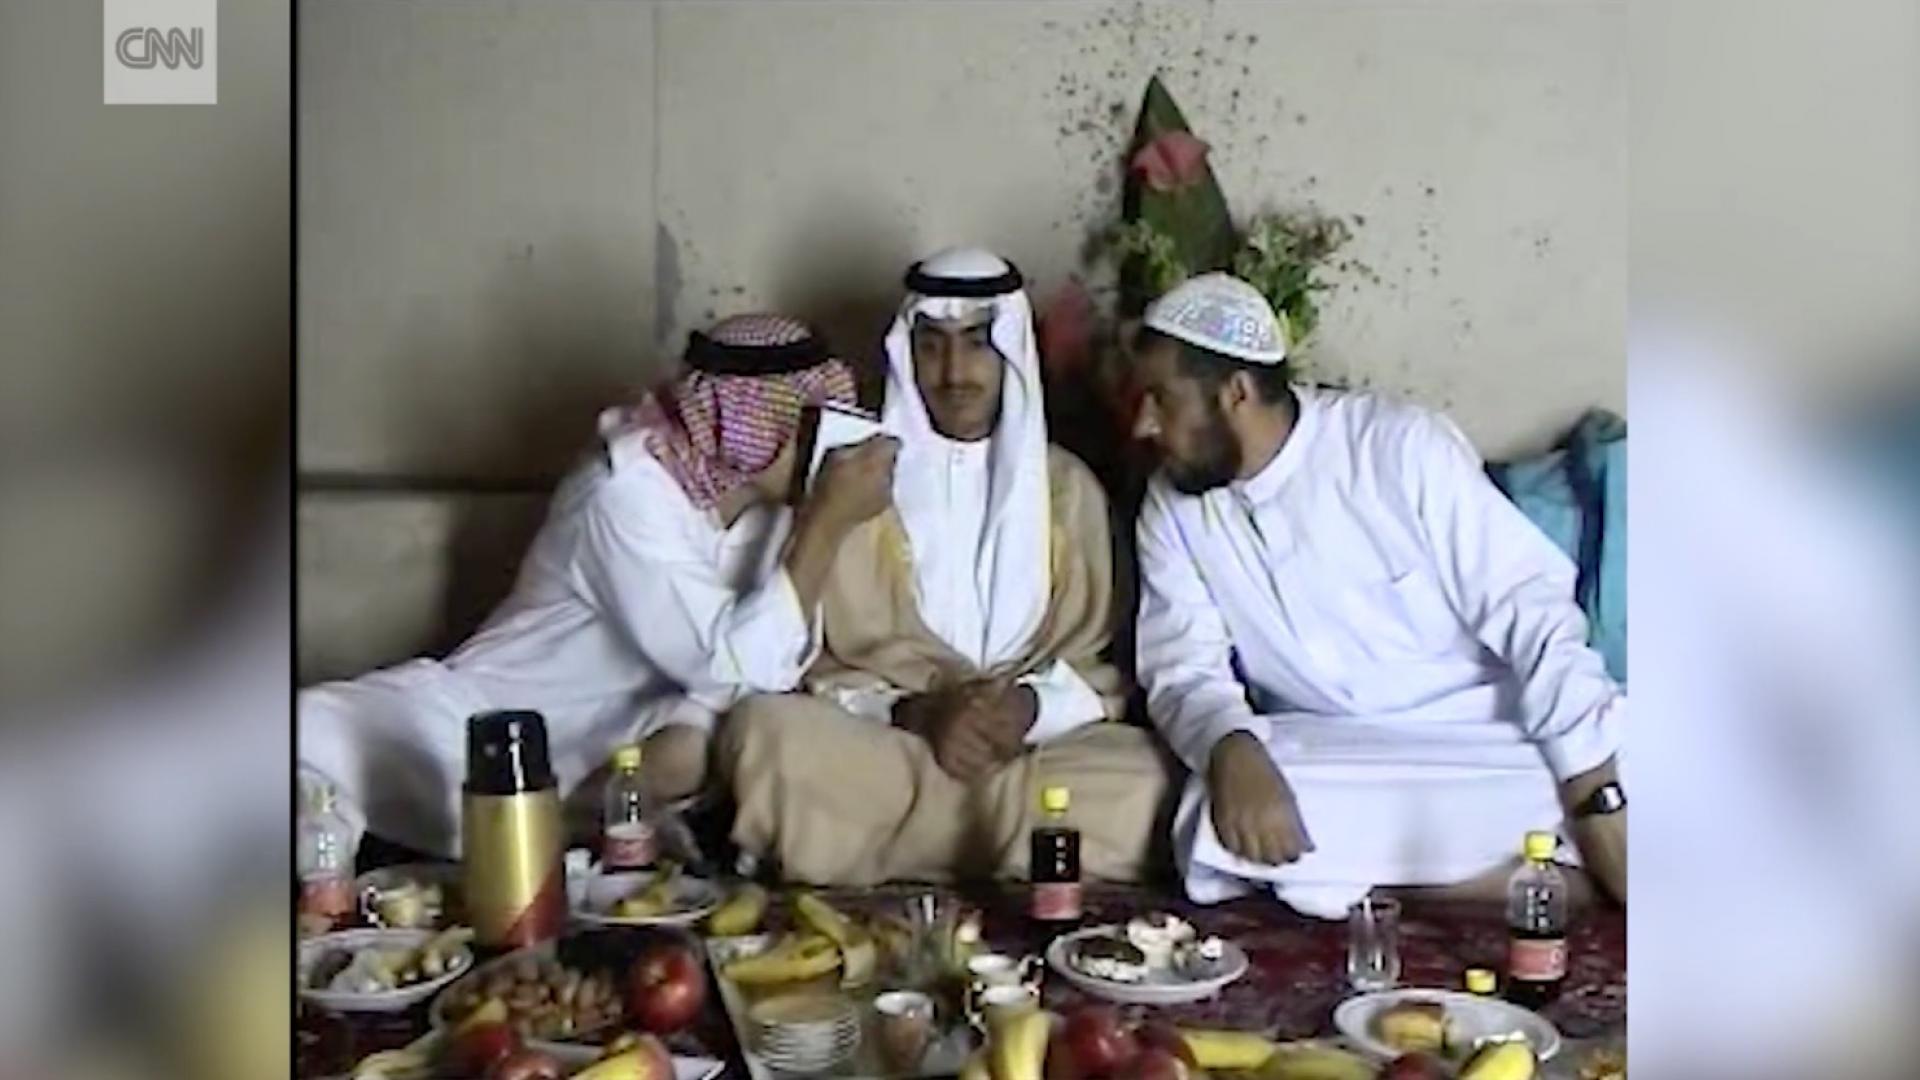 السعودية تُسقط الجنسية عن حمزة أسامة بن لادن.. ومكافأة أمريكية لاعتقاله